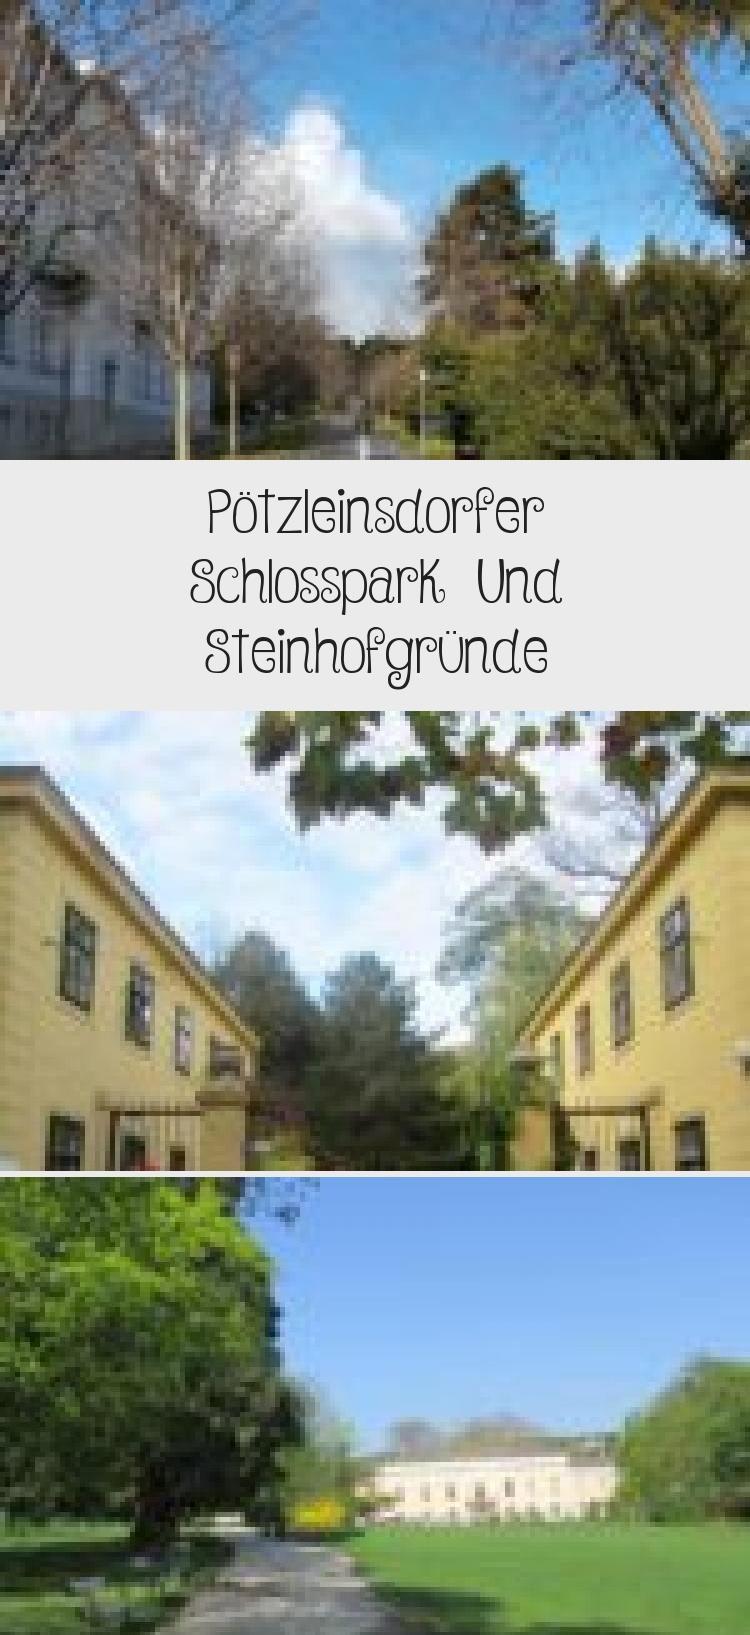 Entlang des Schafberges dehnt sich der im Stile eines englischen Landschaftsgarten gehaltene Pötzleinsdorfer Schloßpark elipsenförmig aus. Der etwa 354.000 Quadratmeter große Schloßpark wurde bereits im achtzehnten Jahrhundert angelegt und befand sich bis 1935 in Privatbesitz. Die Parkanlage wurde während des Zweiten Weltkrieg von Fliegerbomben getroffen und im Juni 1949 wiedereröffnet. Tour 1: Pötzleinsdorfer Schlosspark Die Anreise ist mit der Straßenbahn [...] #Landschaftsgarten #landschaftsgarten